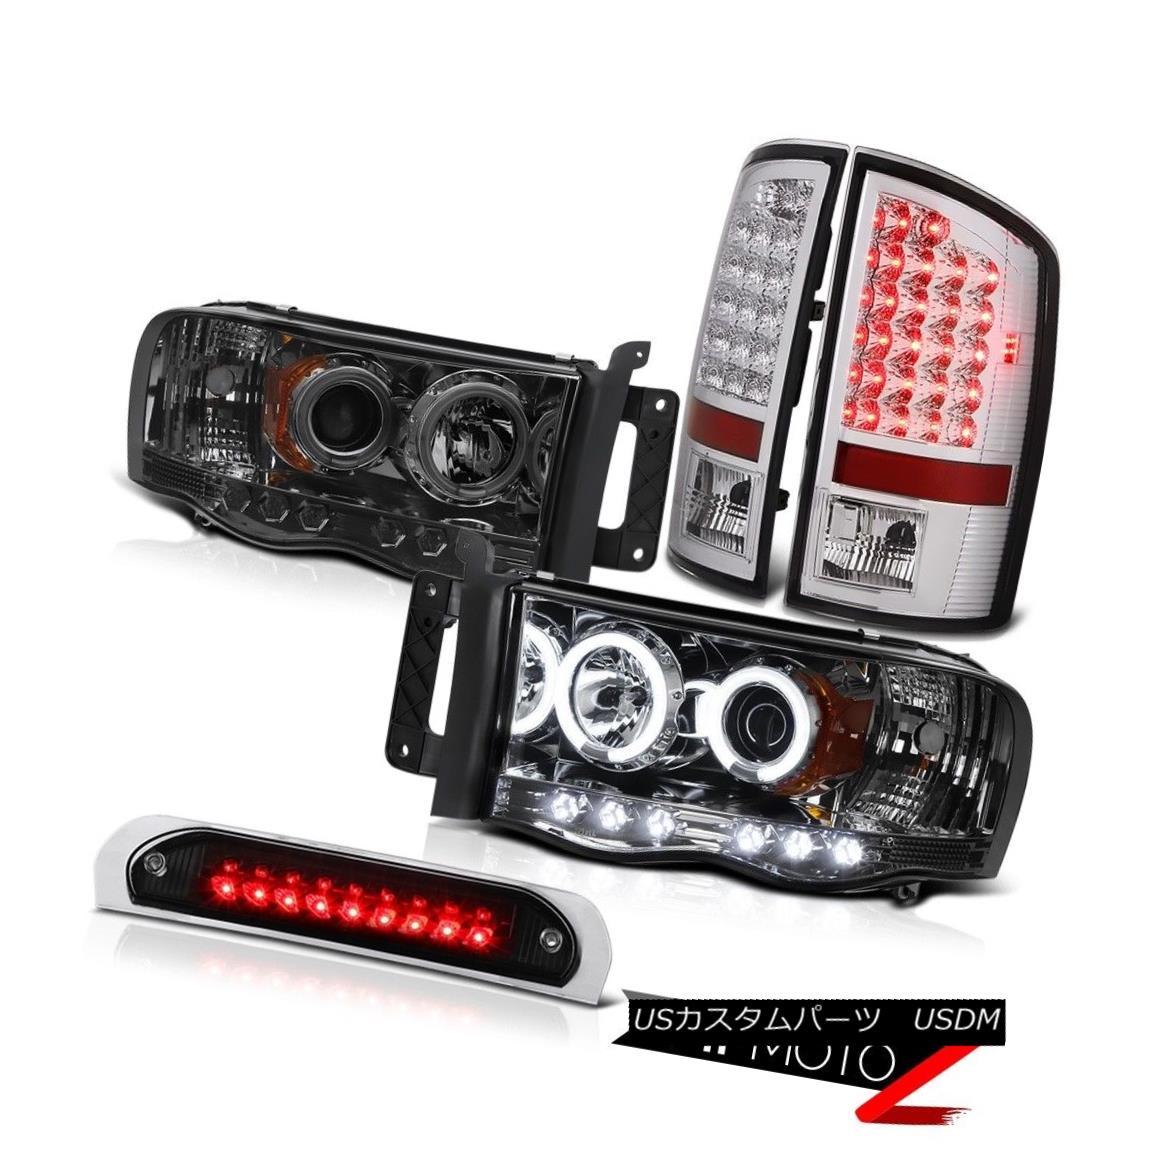 テールライト Tinted CCFL Rim Headlights LED Taillamps Chrome Black Third 02 03 04 05 Ram SLT ティント付きCCFLリムヘッドライトLEDタイルランプクロームブラック第3 02 03 04 05ラムSLT